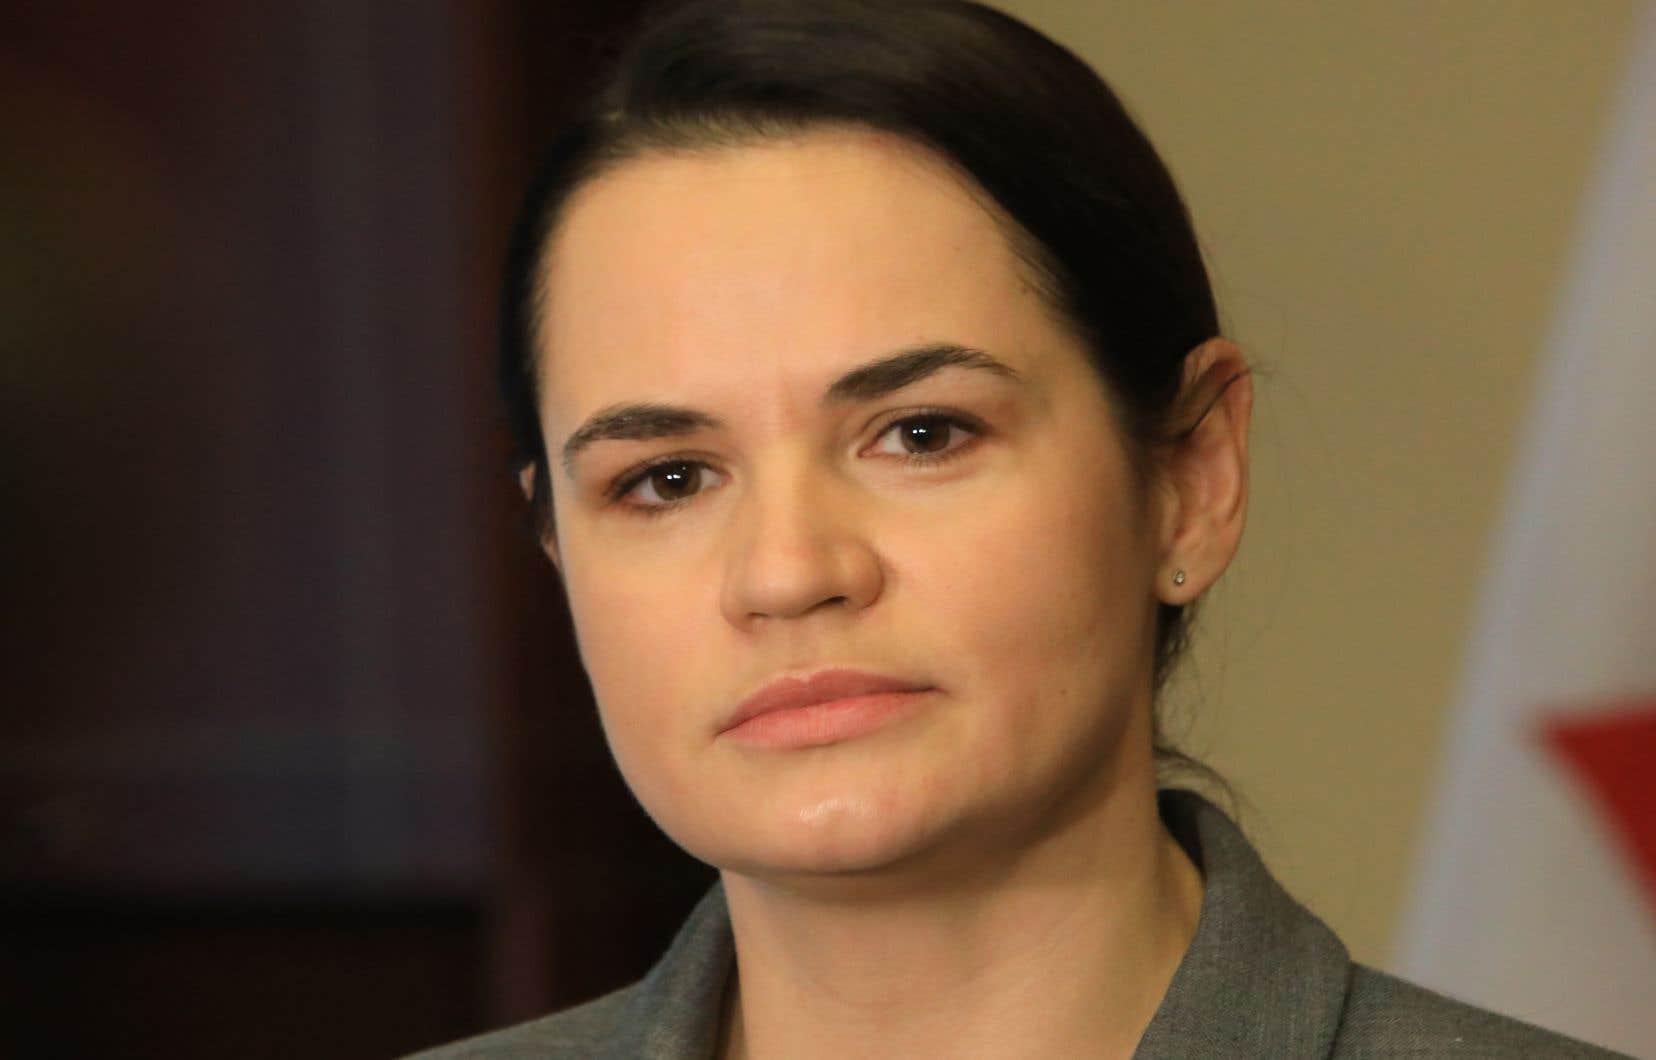 Le prix arrive à un moment clé pour ce mouvement: l'ex-candidate de l'opposition au scrutin Svetlana Tikhanovskaïa a donné au chef de l'État jusqu'à dimanche pour démissionner, menaçant d'appeler à une grève générale et à intensifier les manifestations.